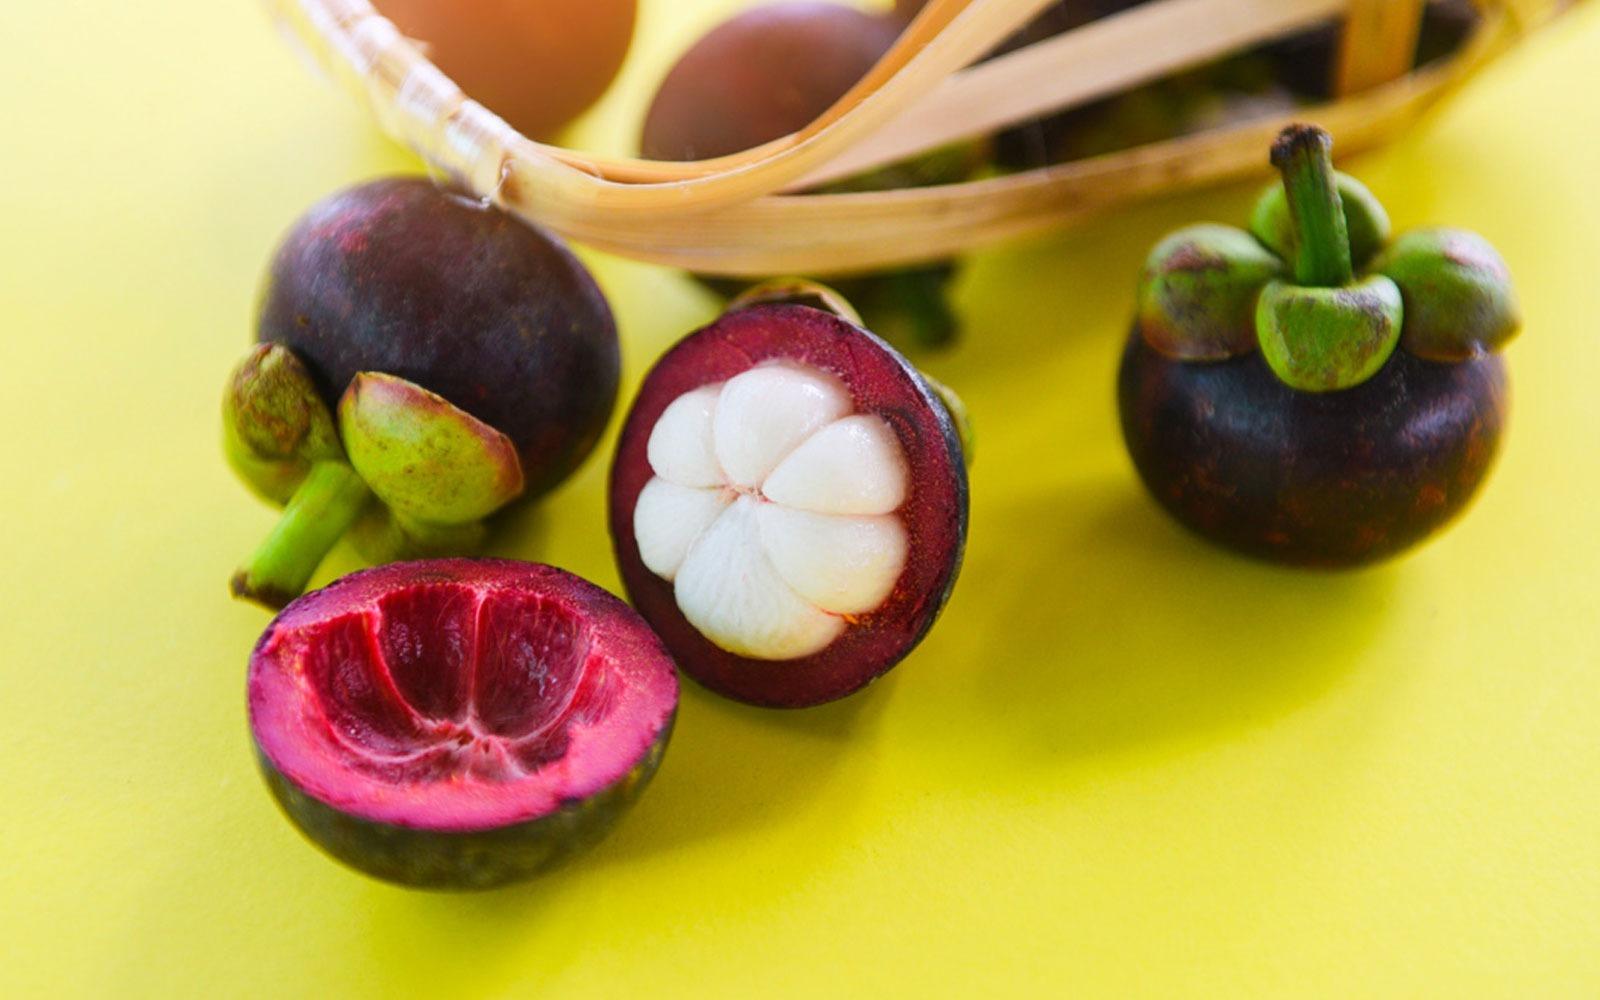 Benarkah Kulit Manggis Bisa Jadi Obat Diabetes?